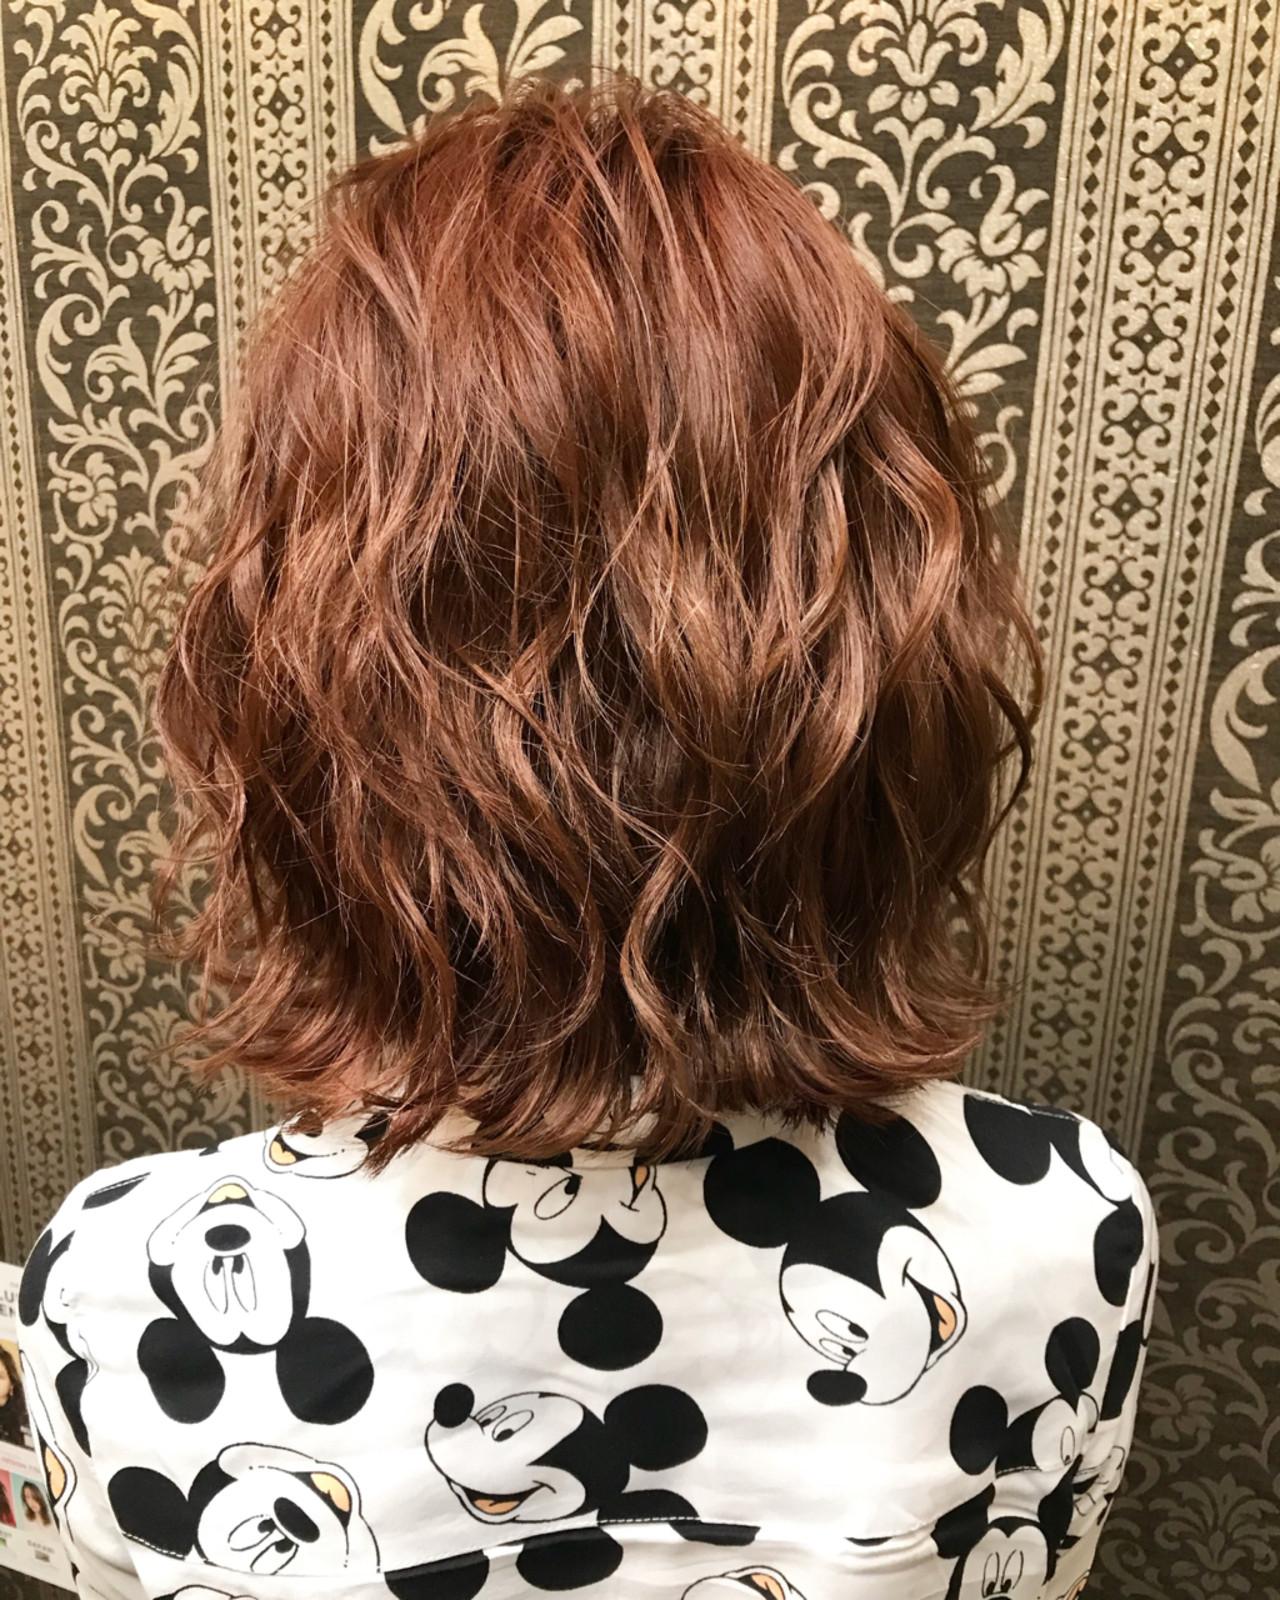 デート ピンク 簡単ヘアアレンジ ヘアアレンジ ヘアスタイルや髪型の写真・画像